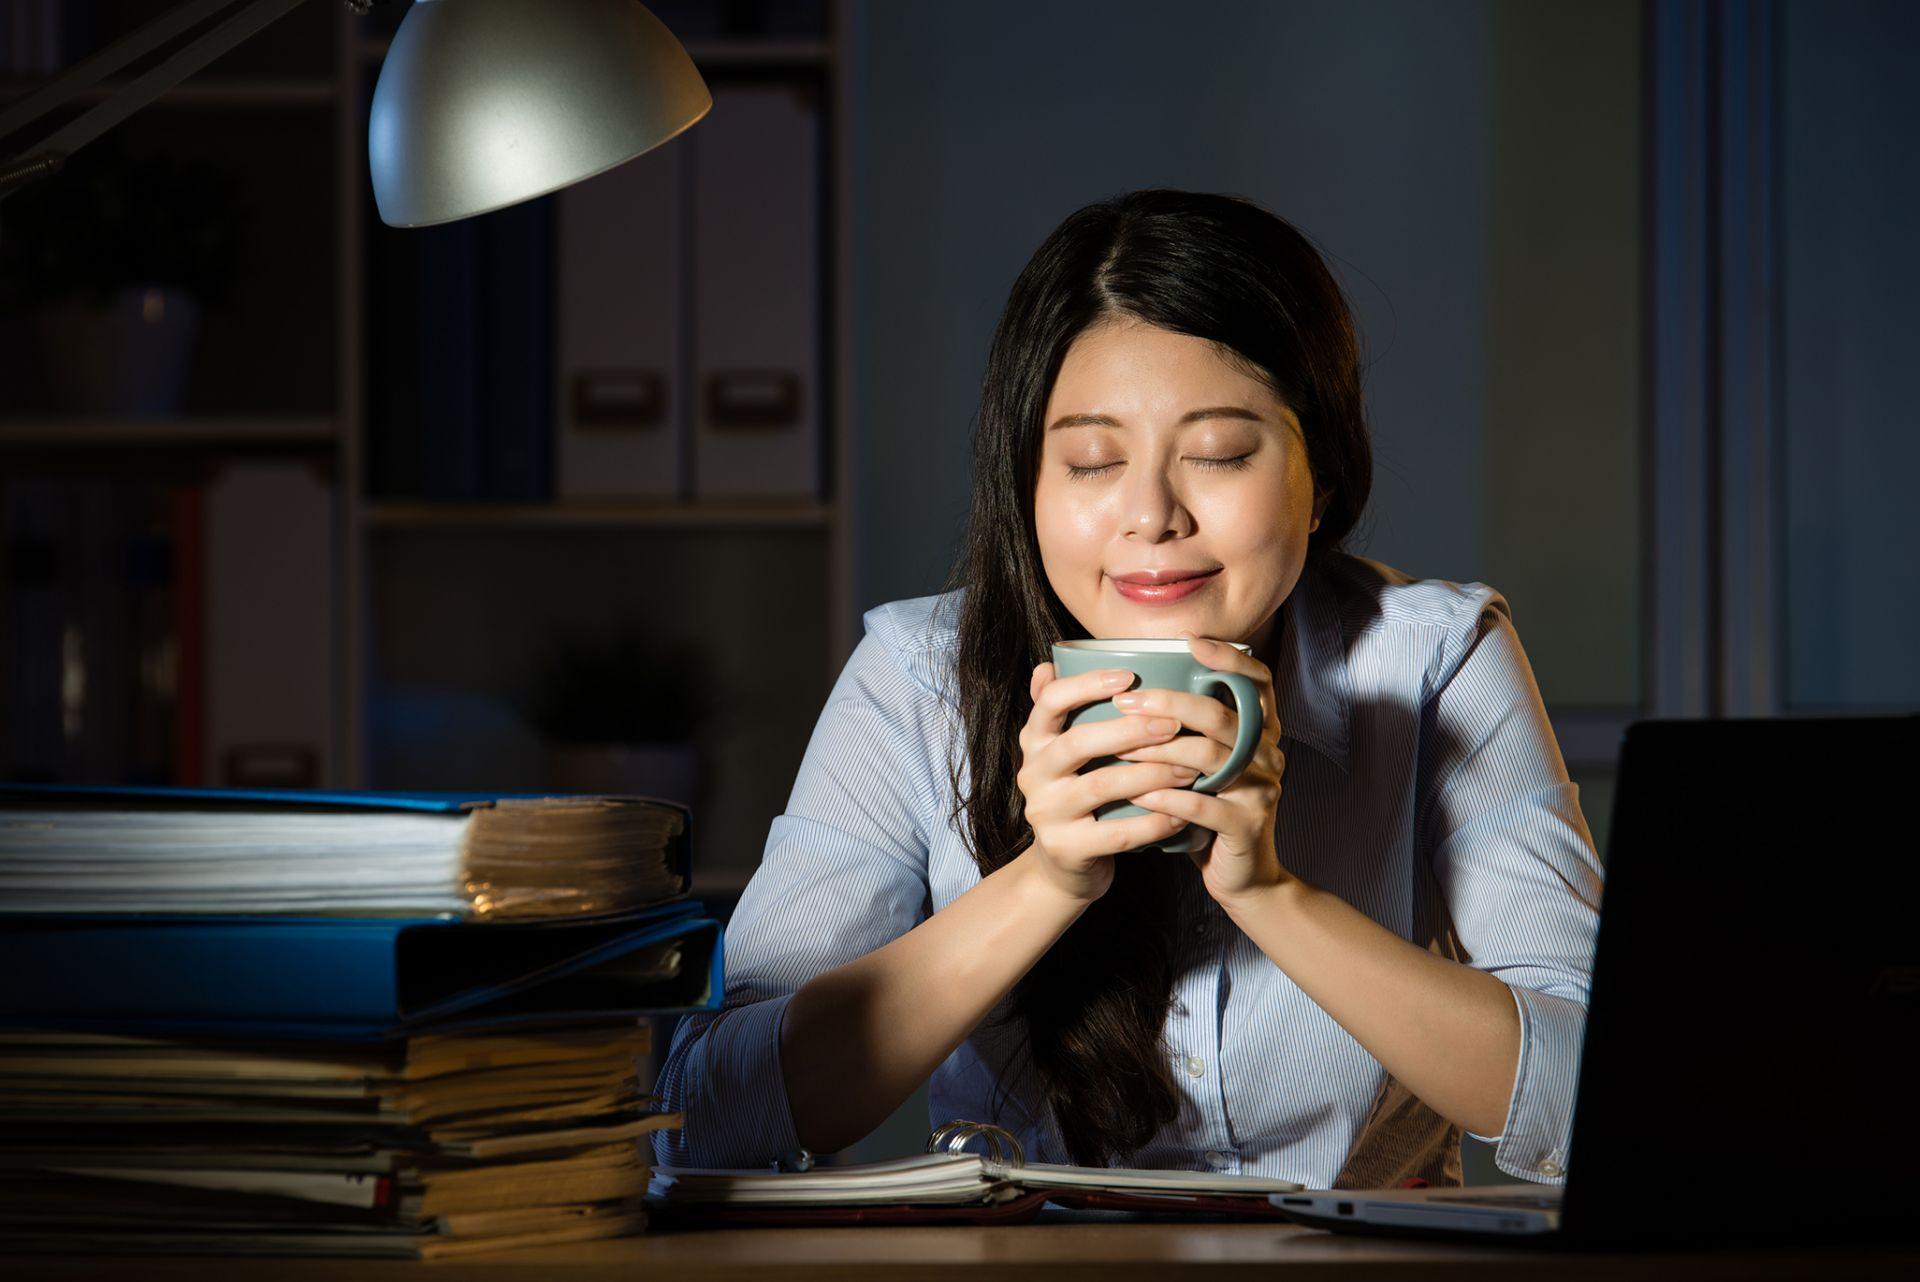 Op welke momenten kun jij niet zonder koffie?